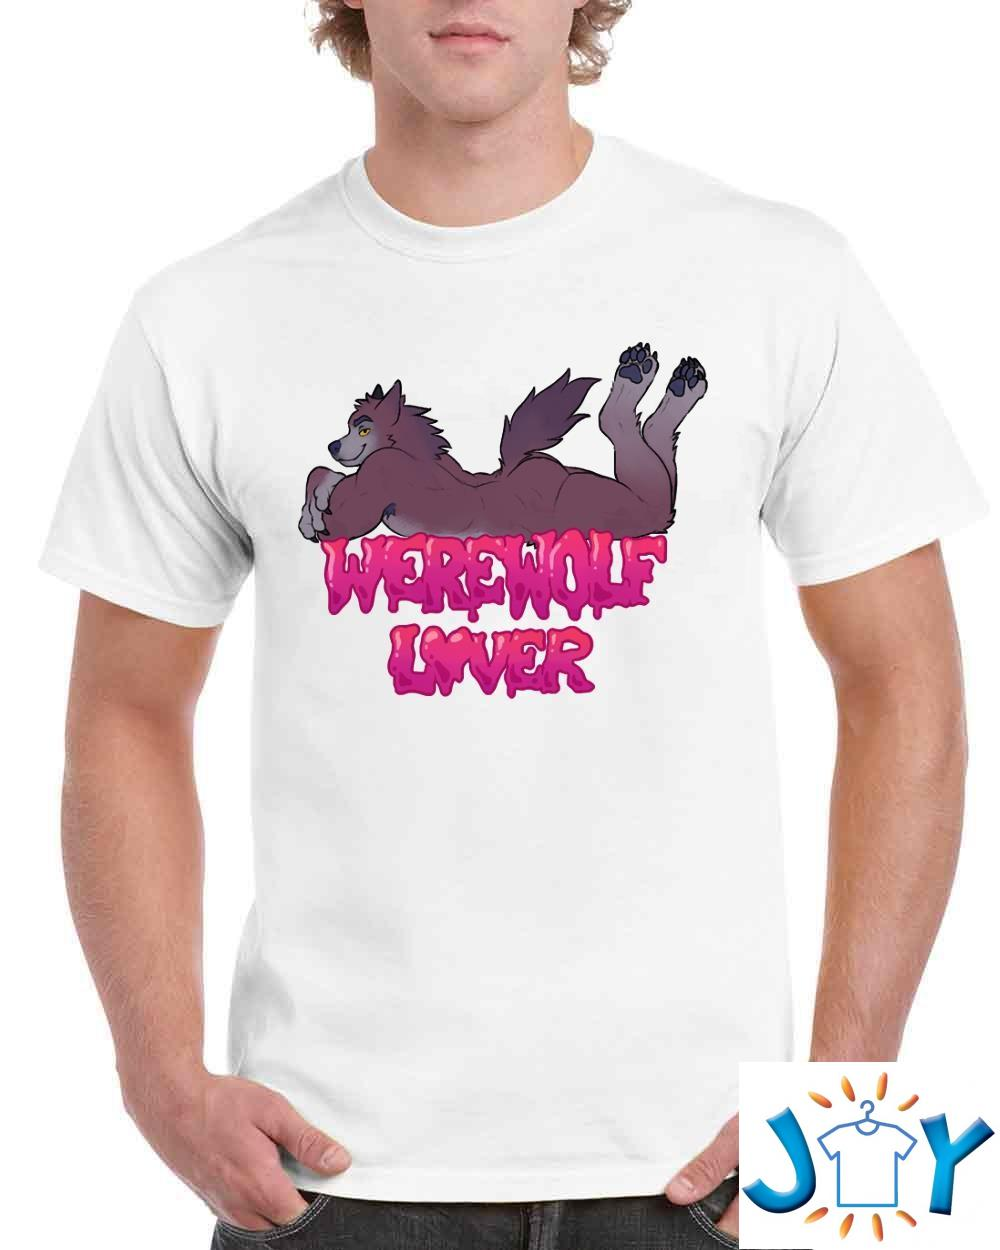 Werewolf Lover Classic Shirt